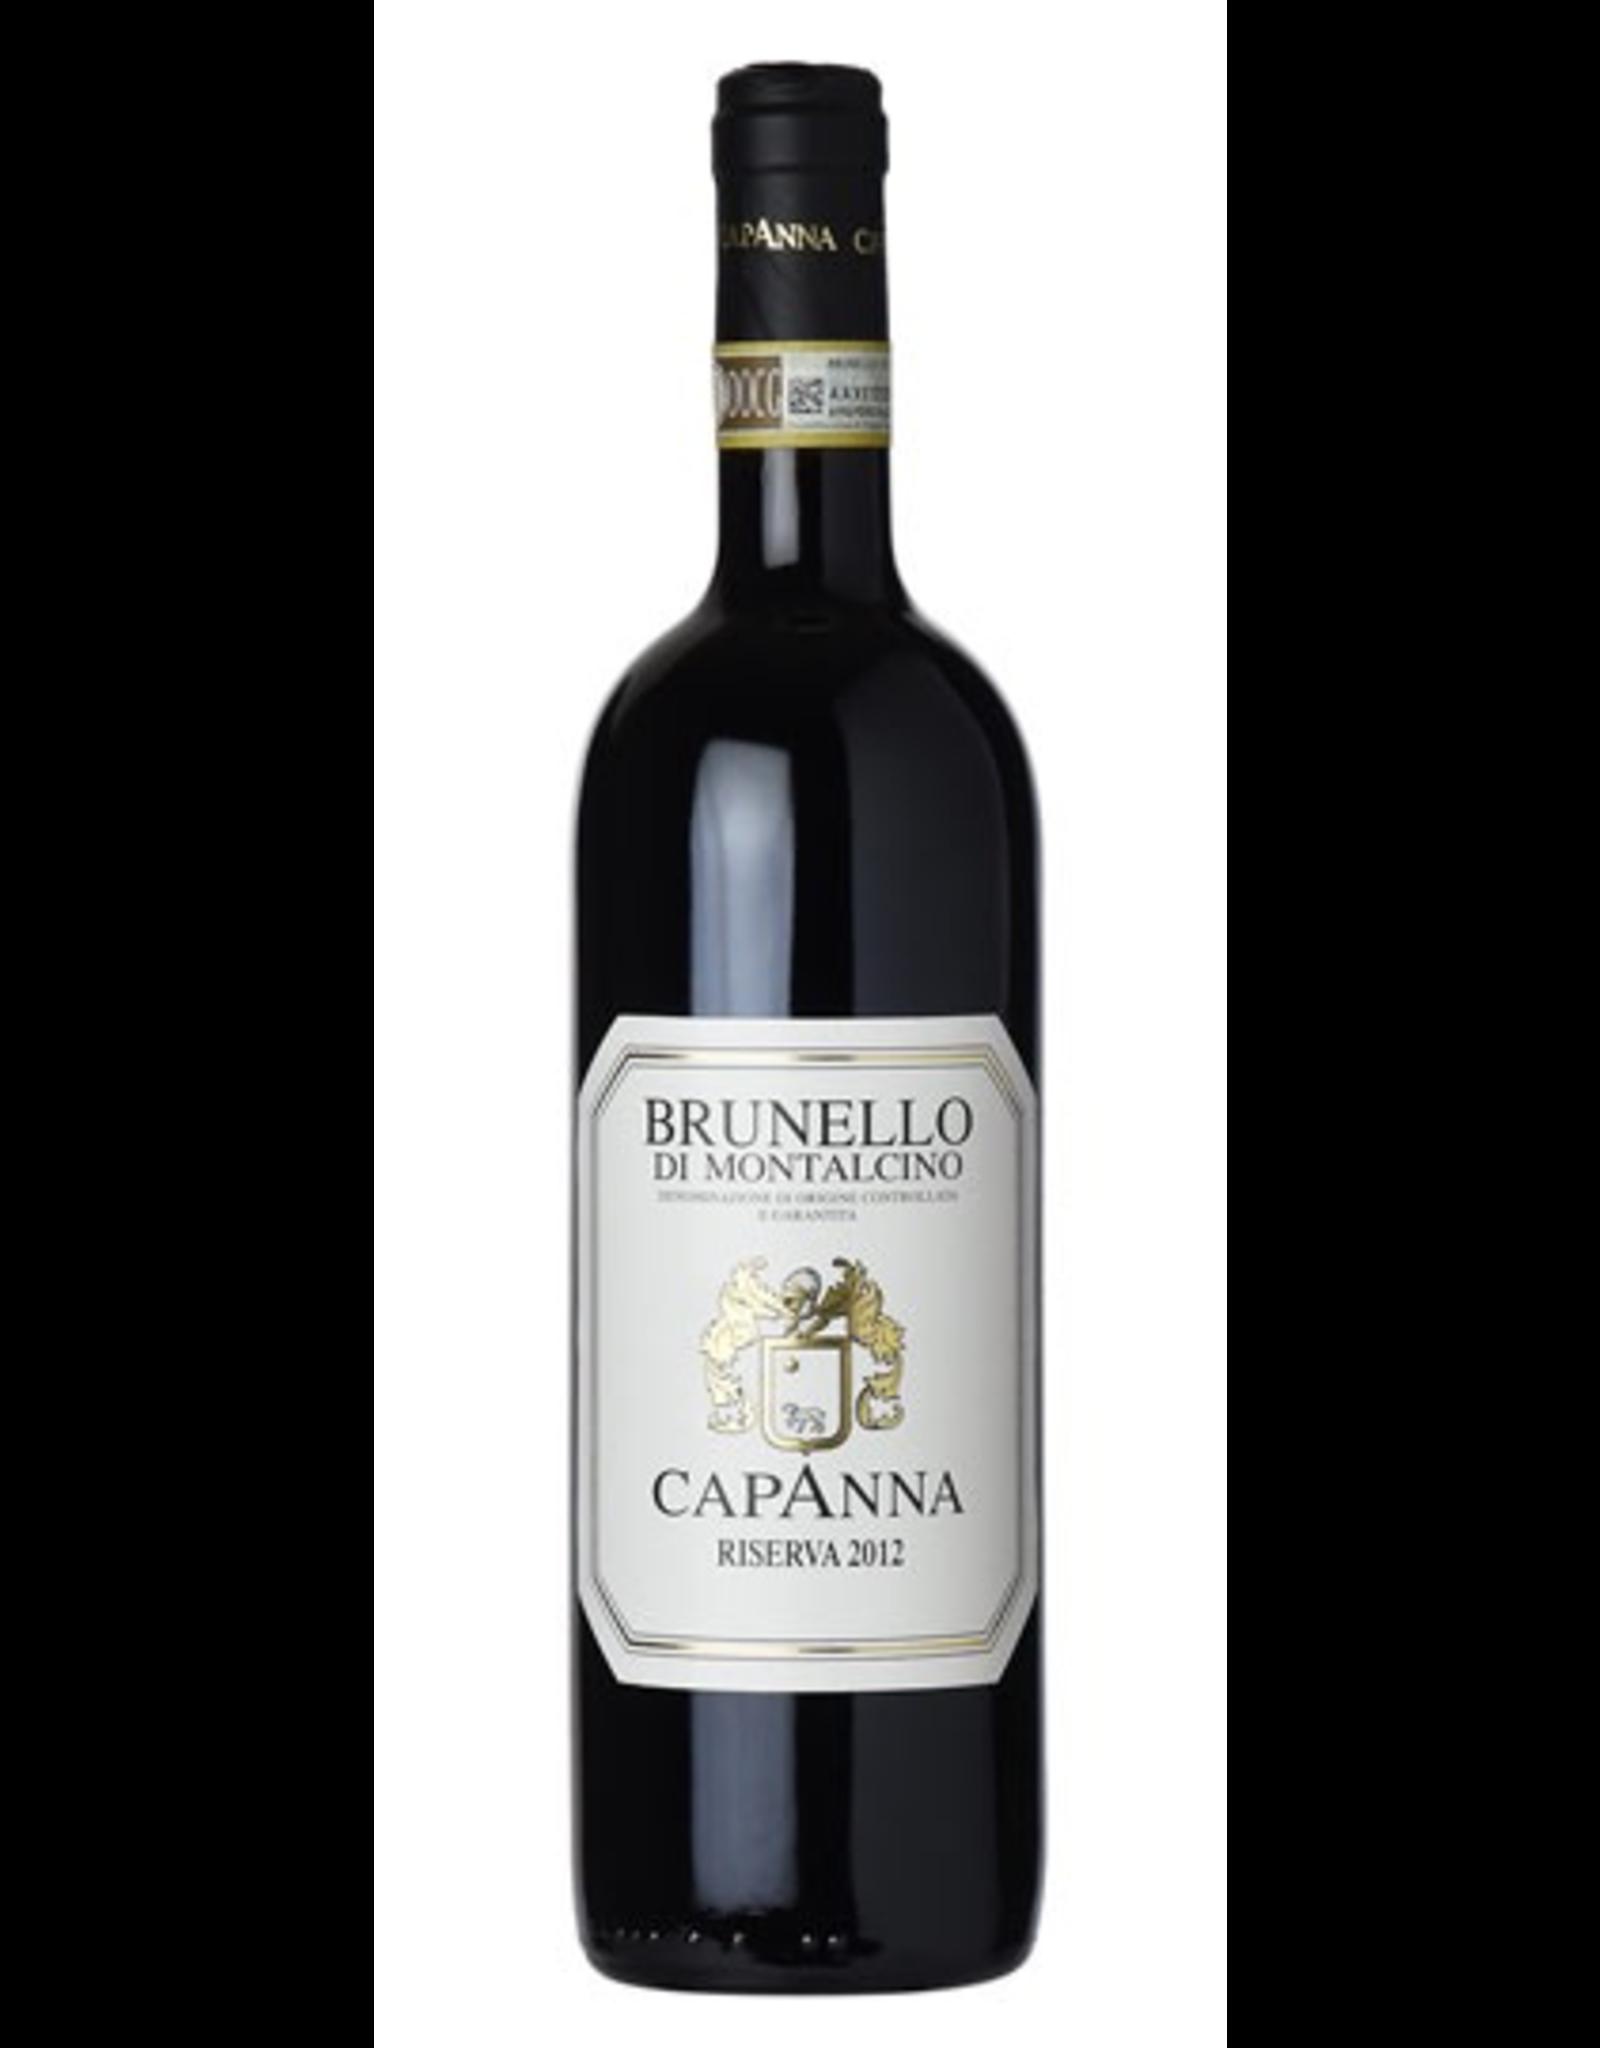 Red Wine 2012, Capanna Brunello di Montalcino Riserva, Sangiovese, Montalcino, Tuscany, Italy, 15.0% Alc, CT95